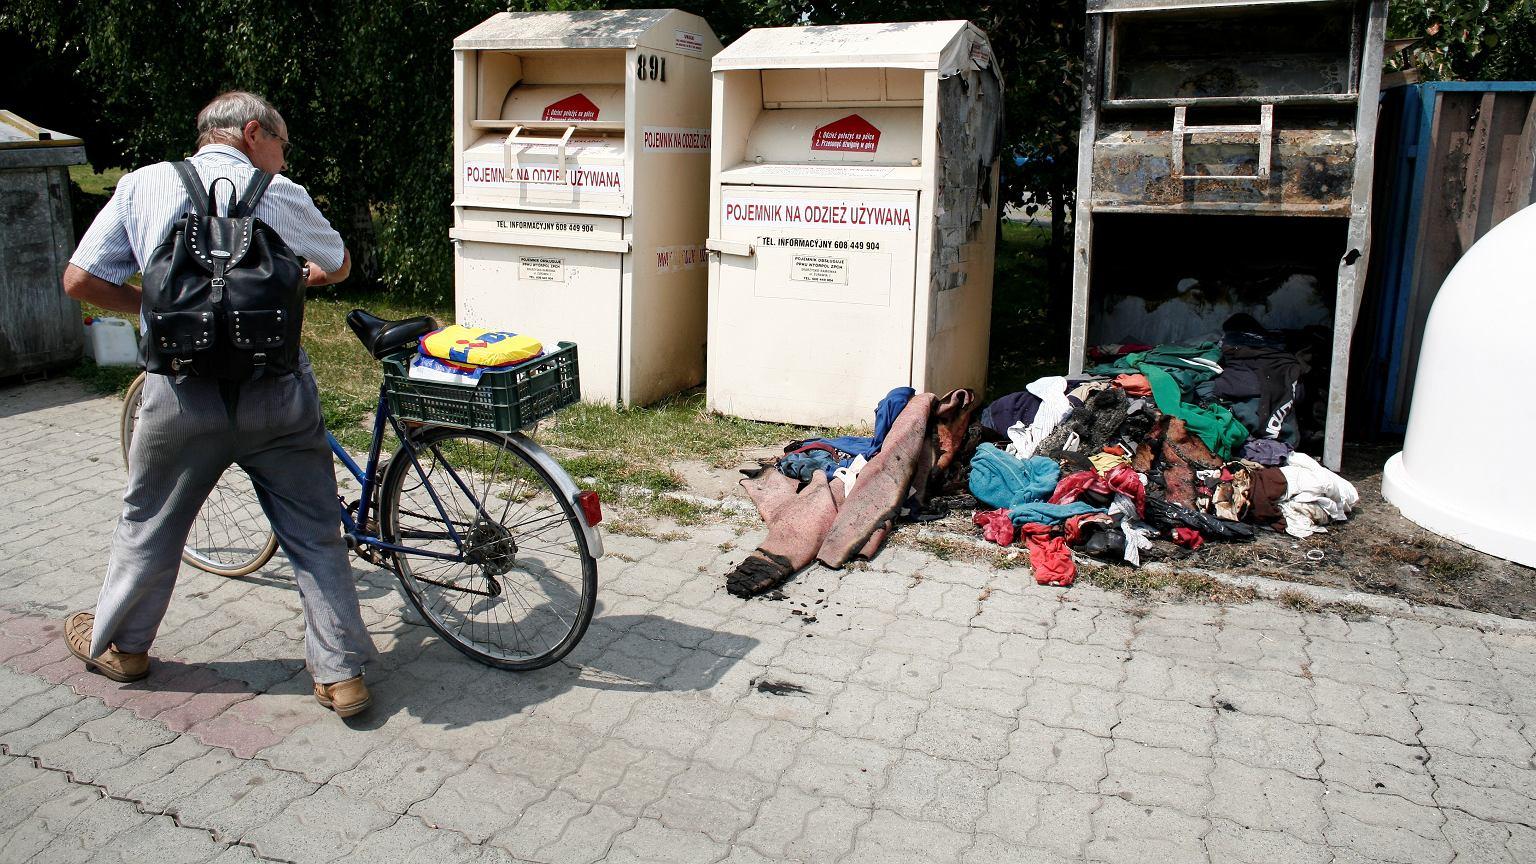 Ubrania, które są wrzucane do pojemników, nigdy nie trafiały i nie będą trafiać do osób ubogich